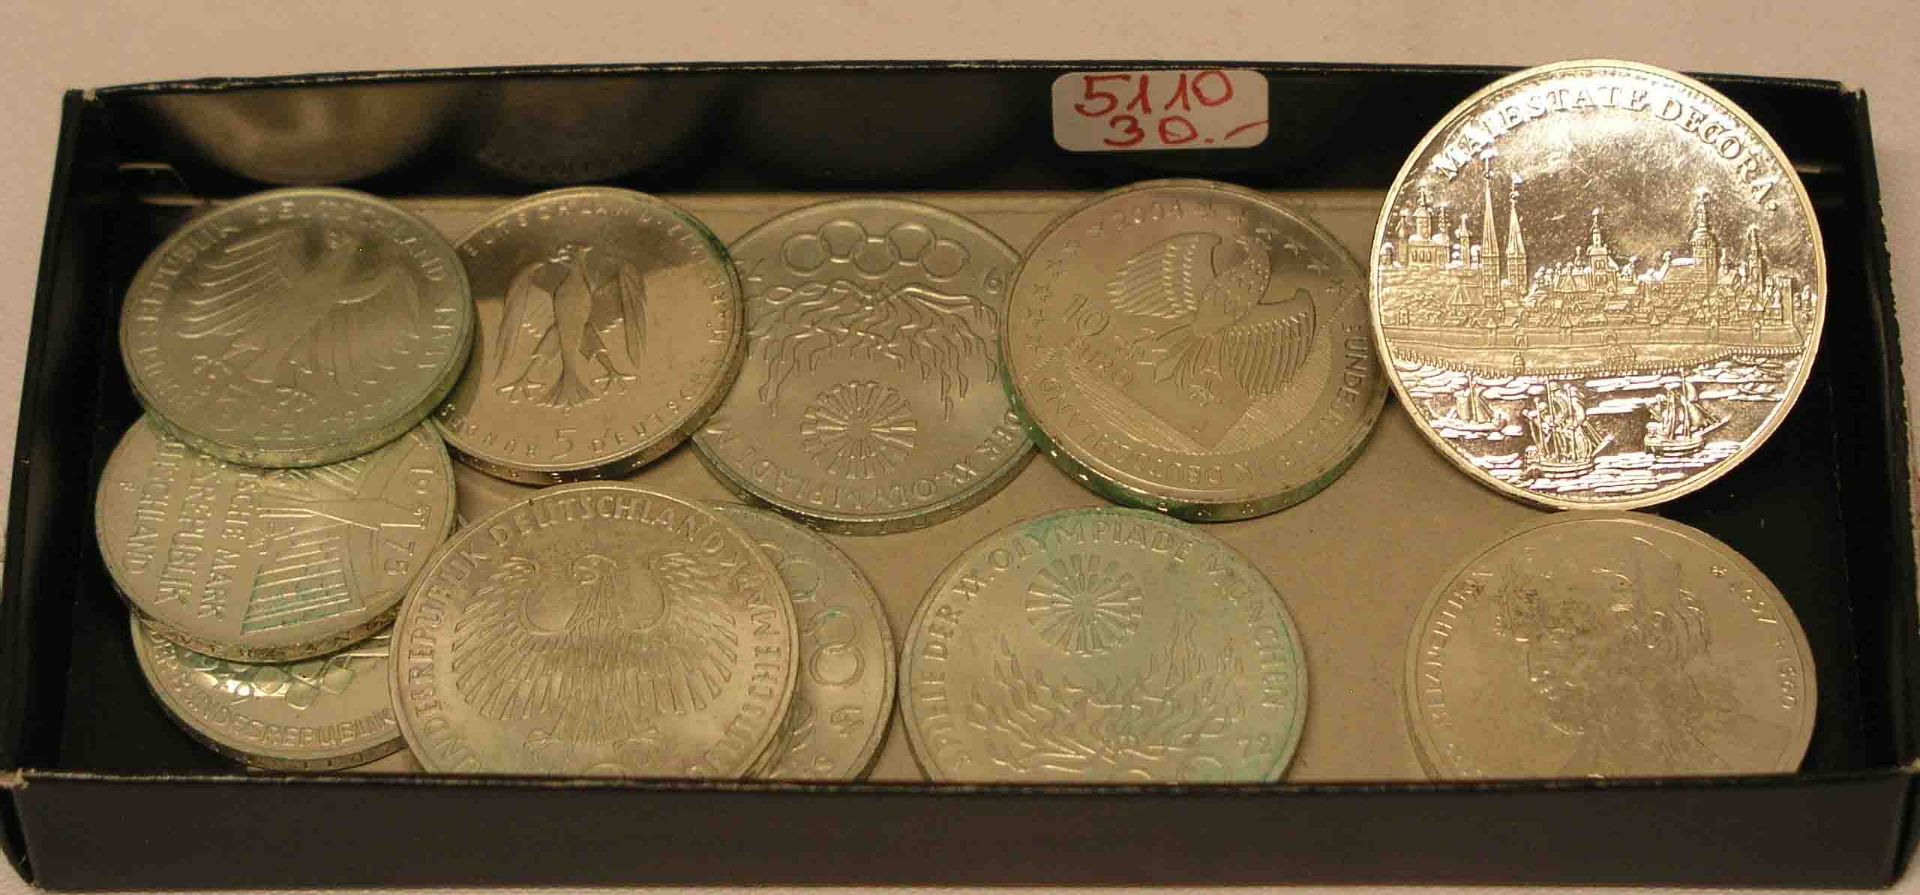 Posten Münzen BRD, 11 Stück. Dabei: 4